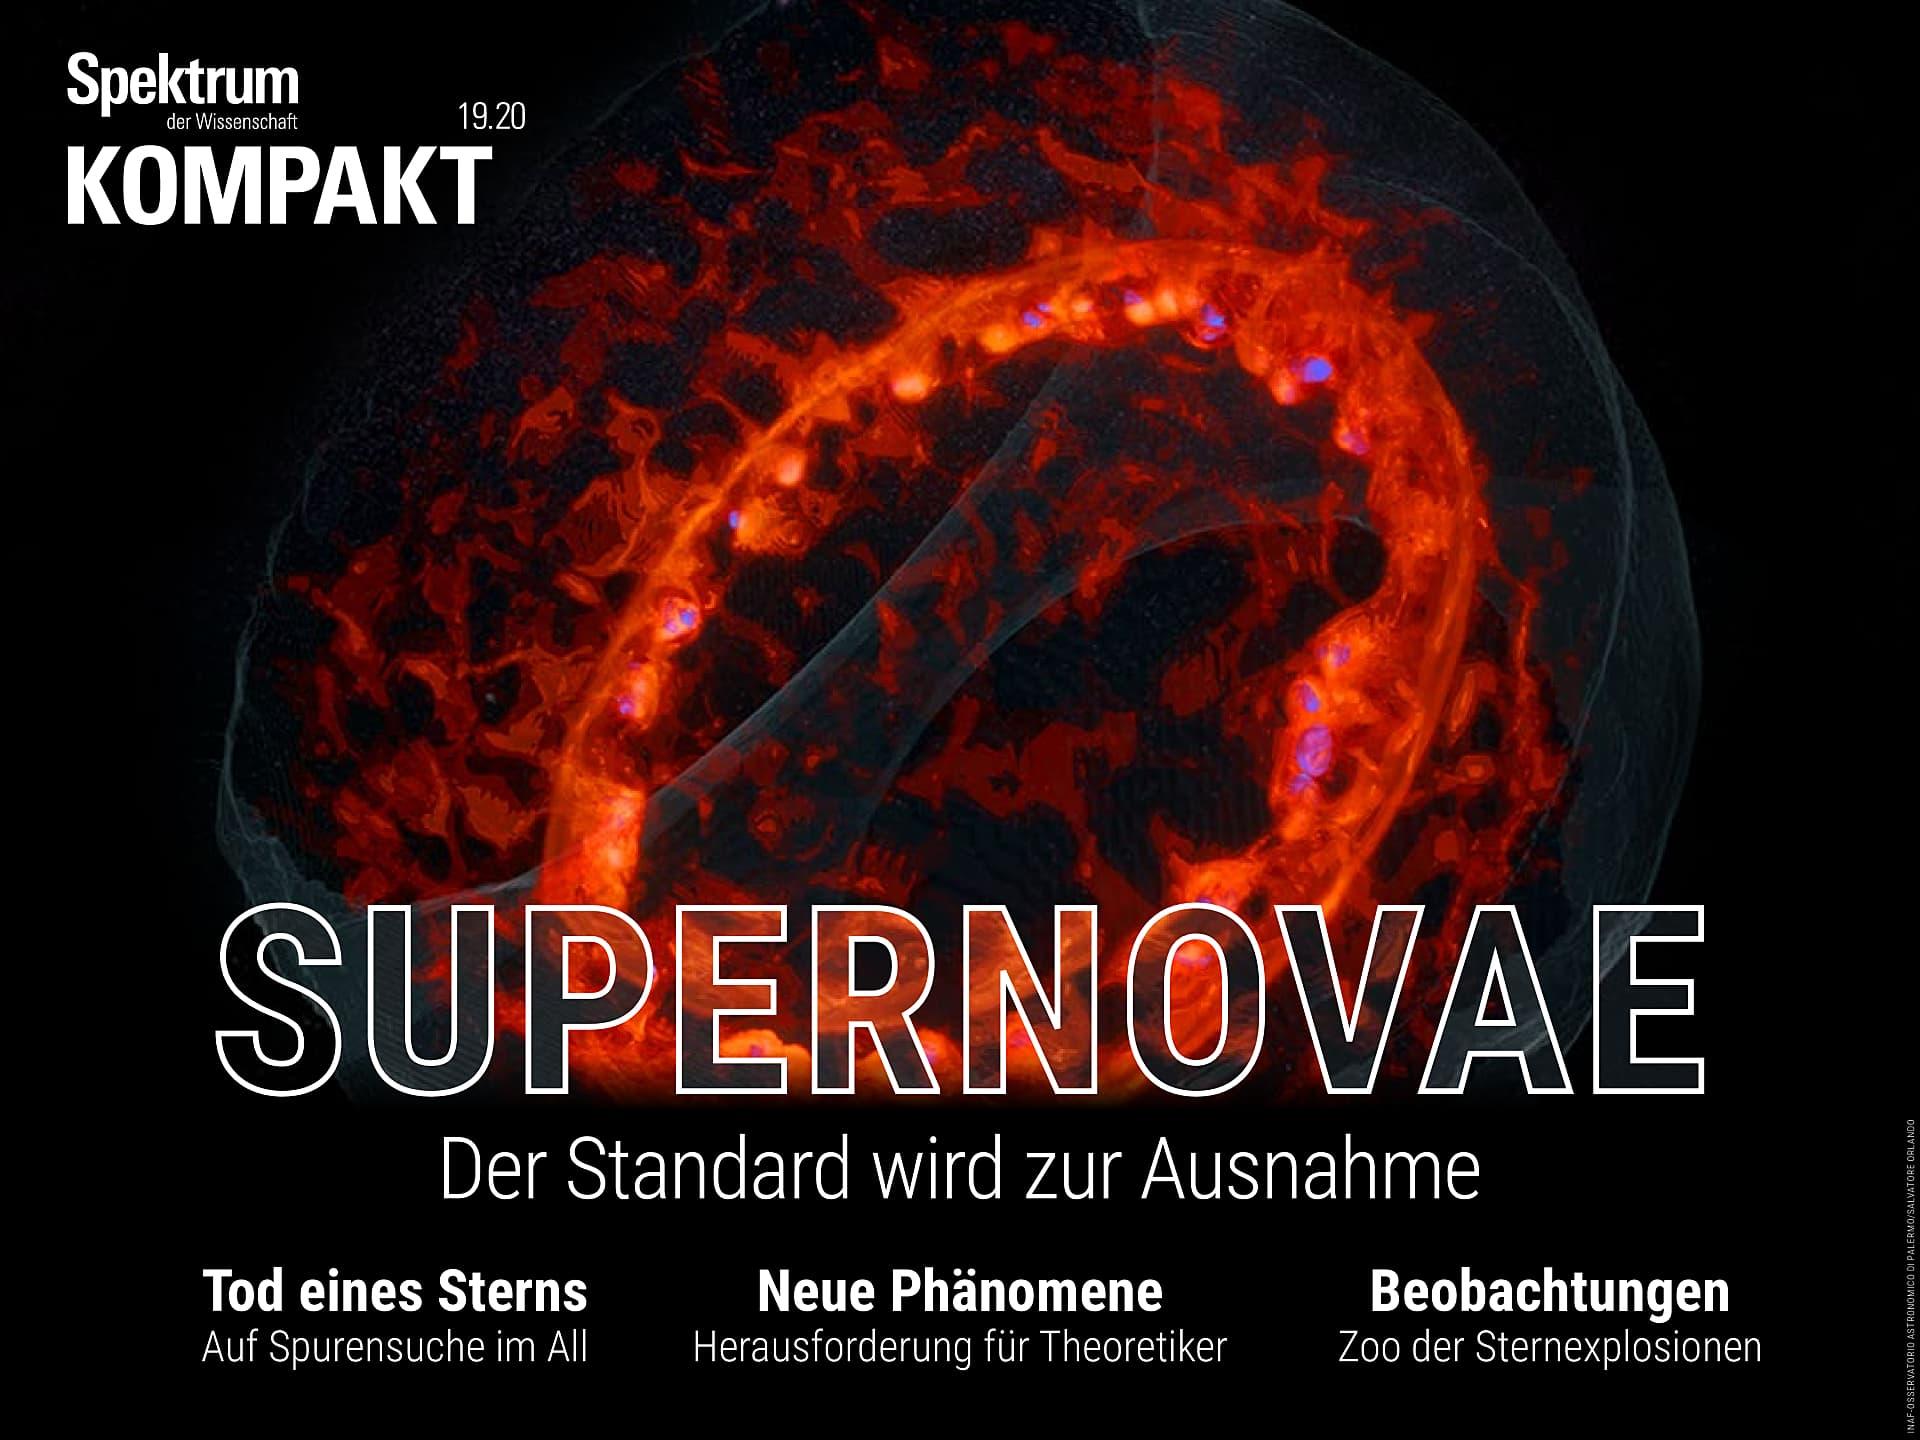 Supernovae - Der Standard wird zur Ausnahme